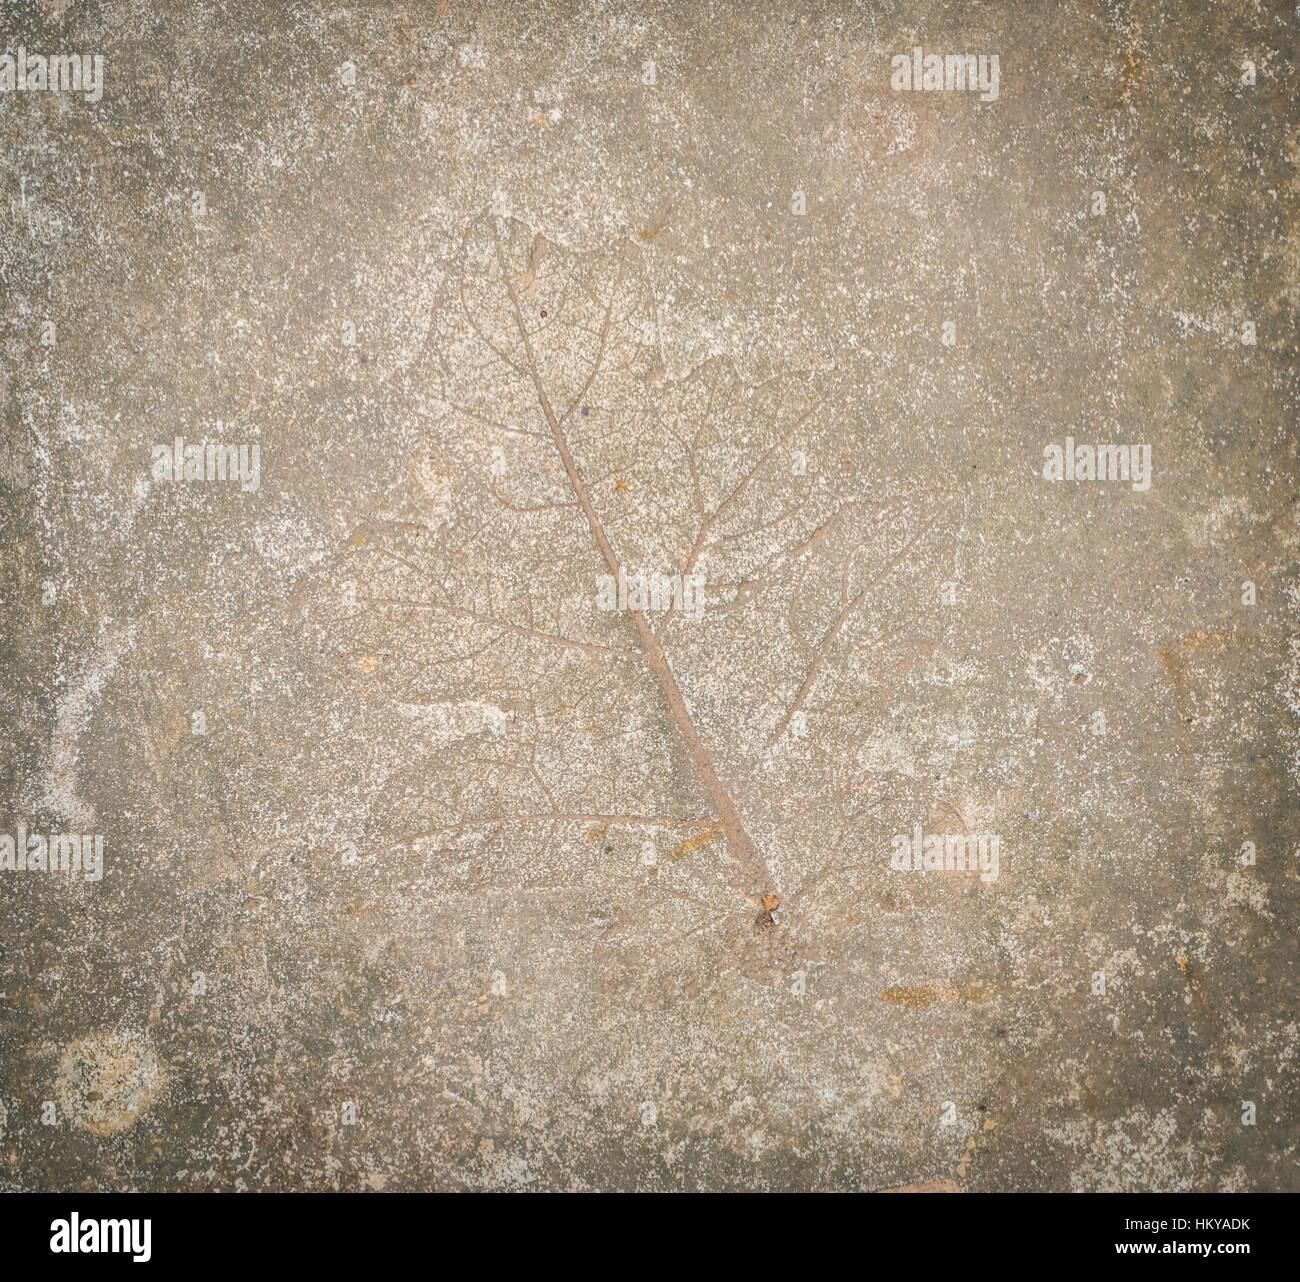 Impresión De Hojas En Piedra Foto Imagen De Stock